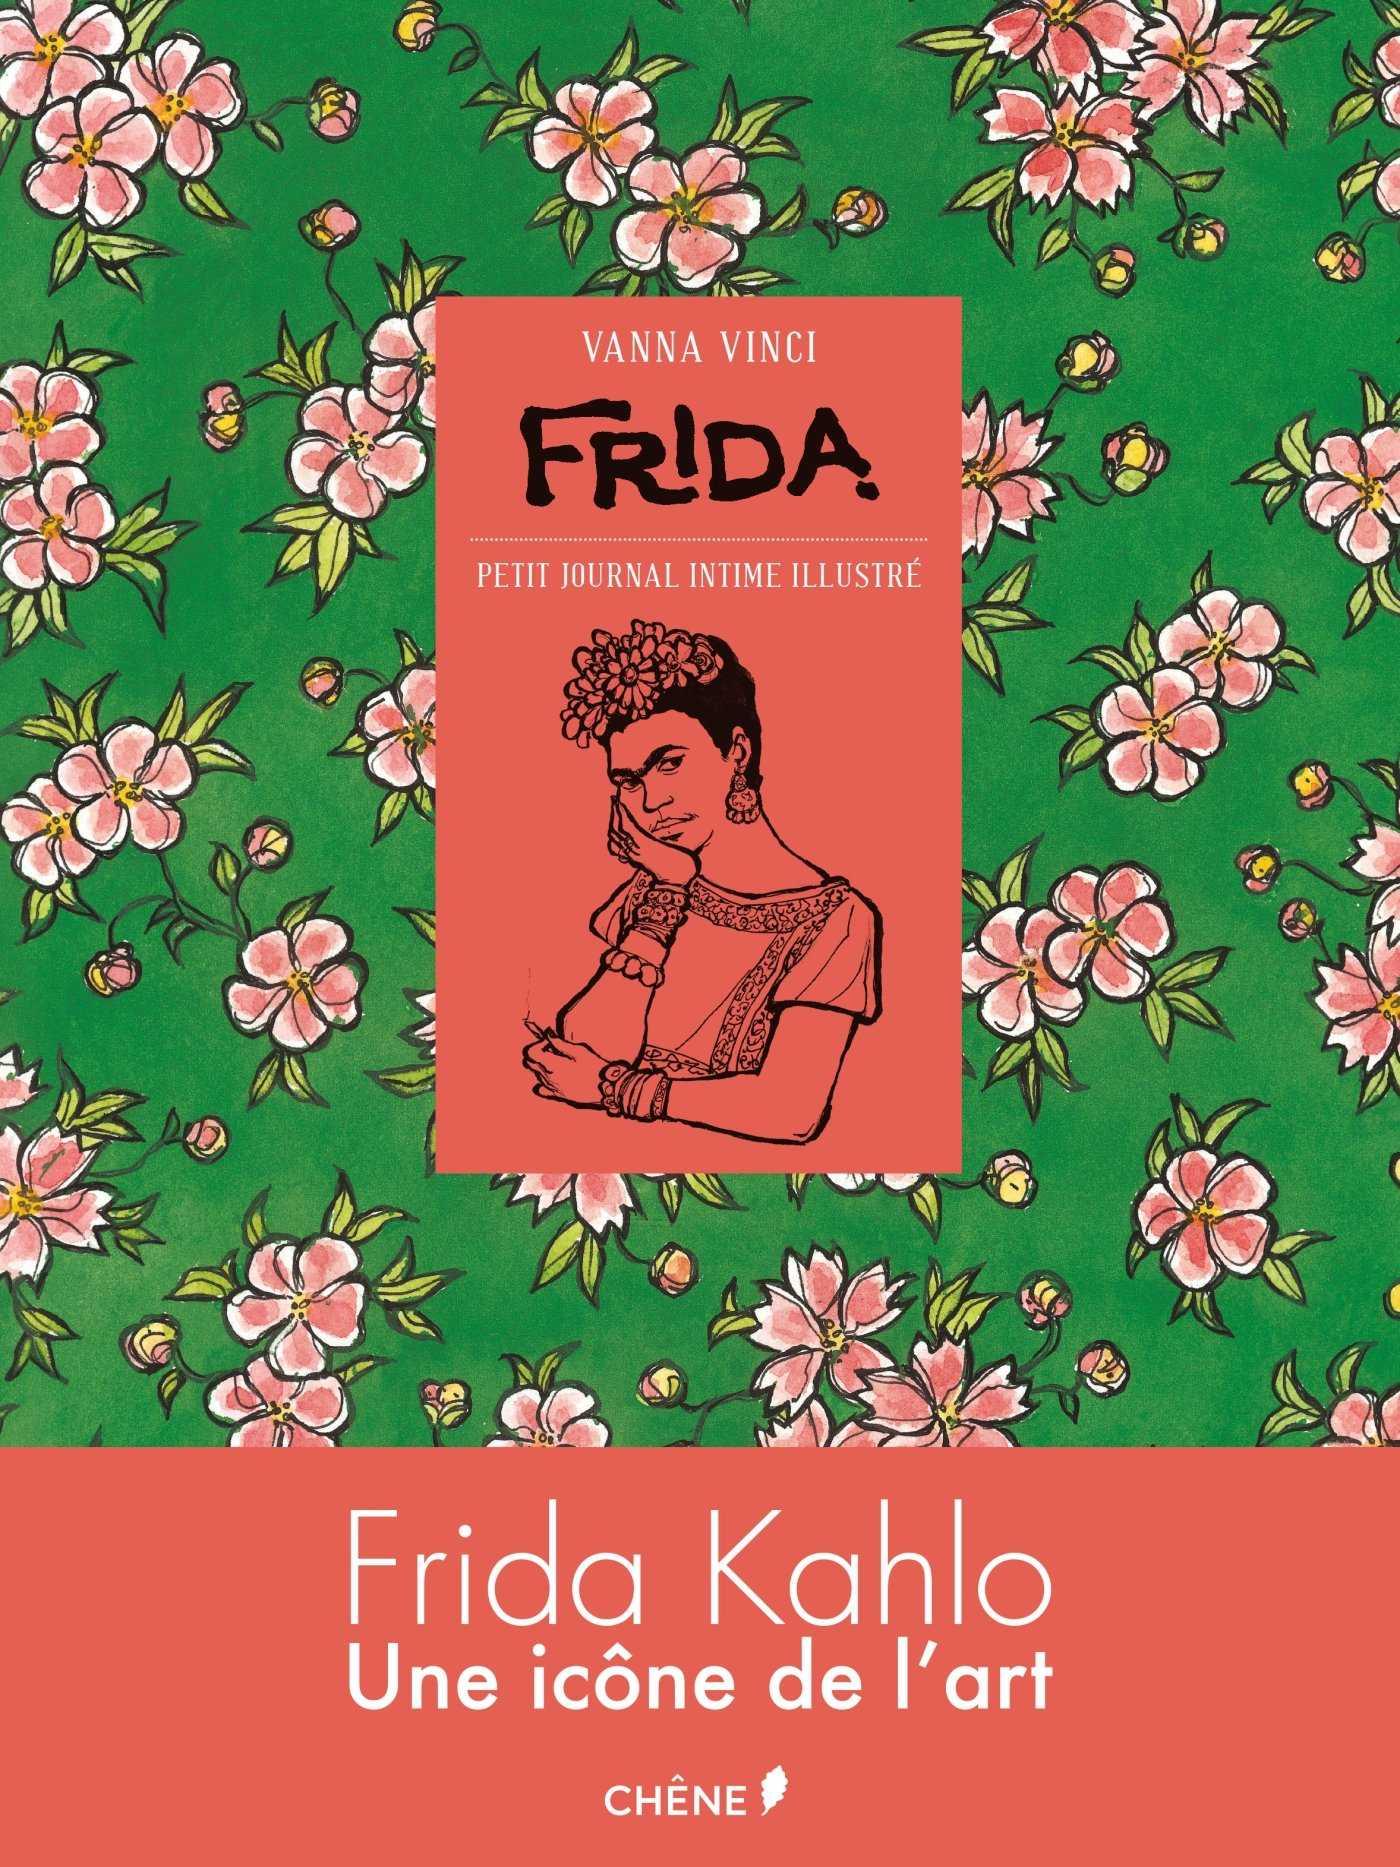 Frida, dans l'intimité d'une légende nommée Kahlo